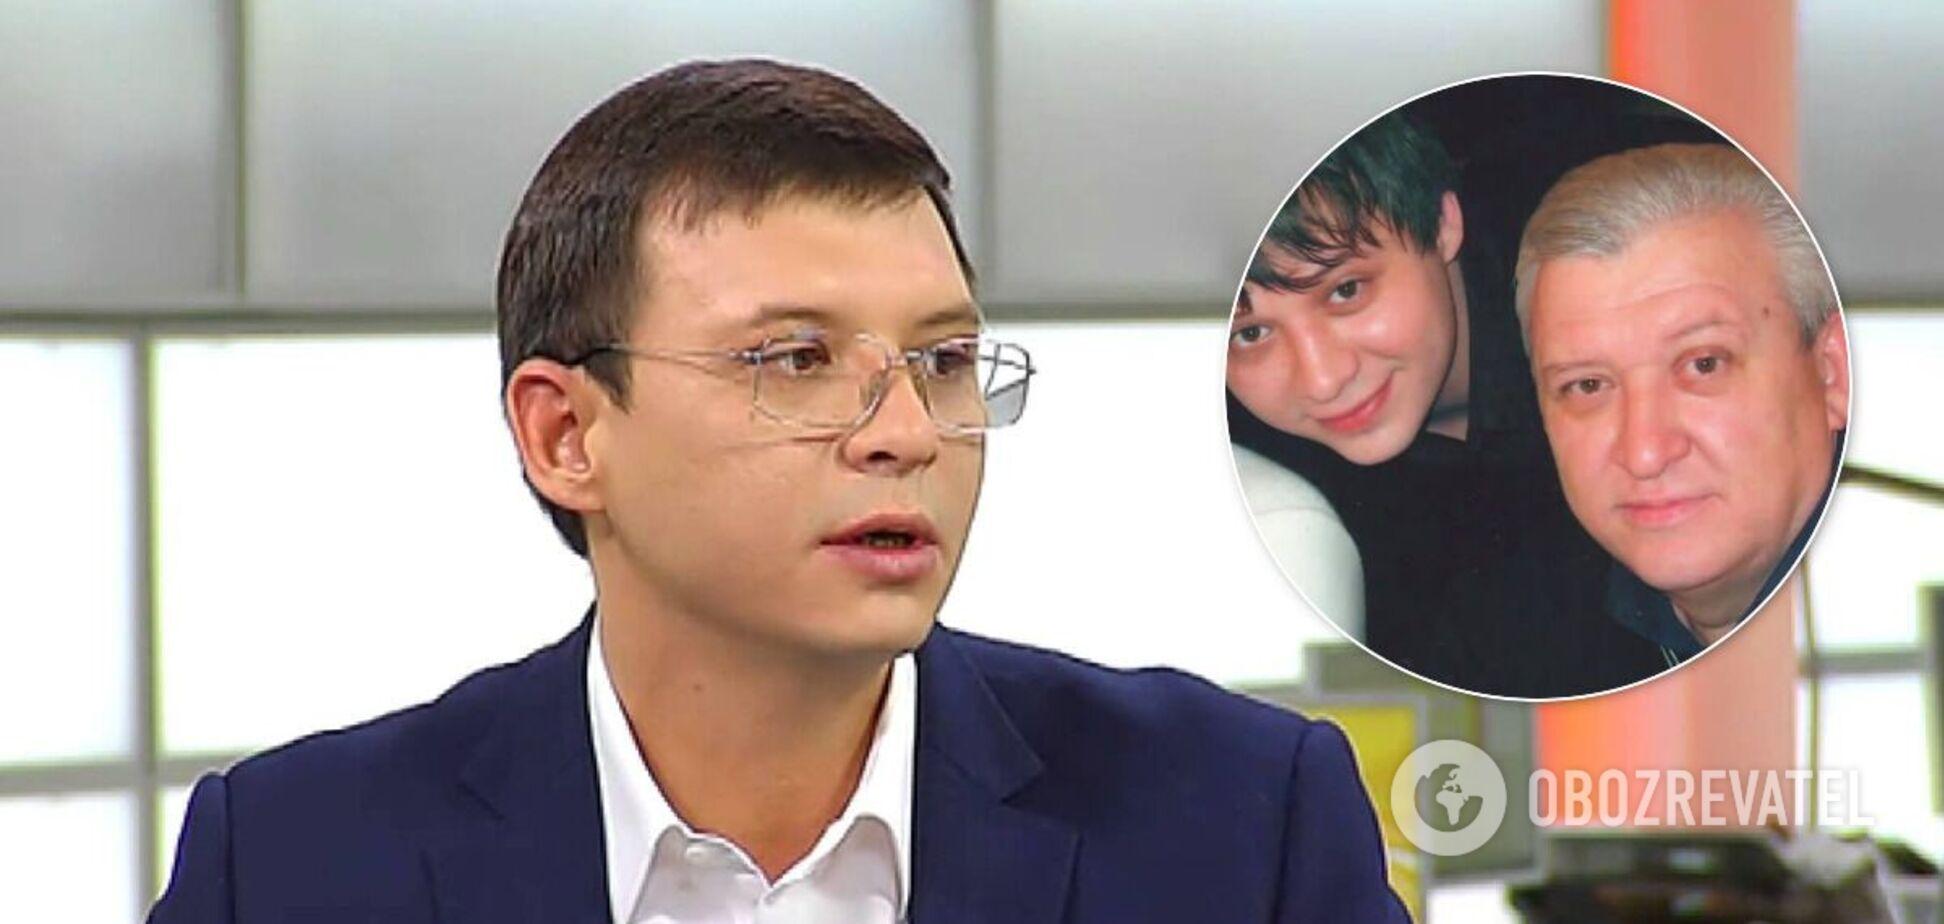 Умер Владимир Мураев, отец Евгения Мураева